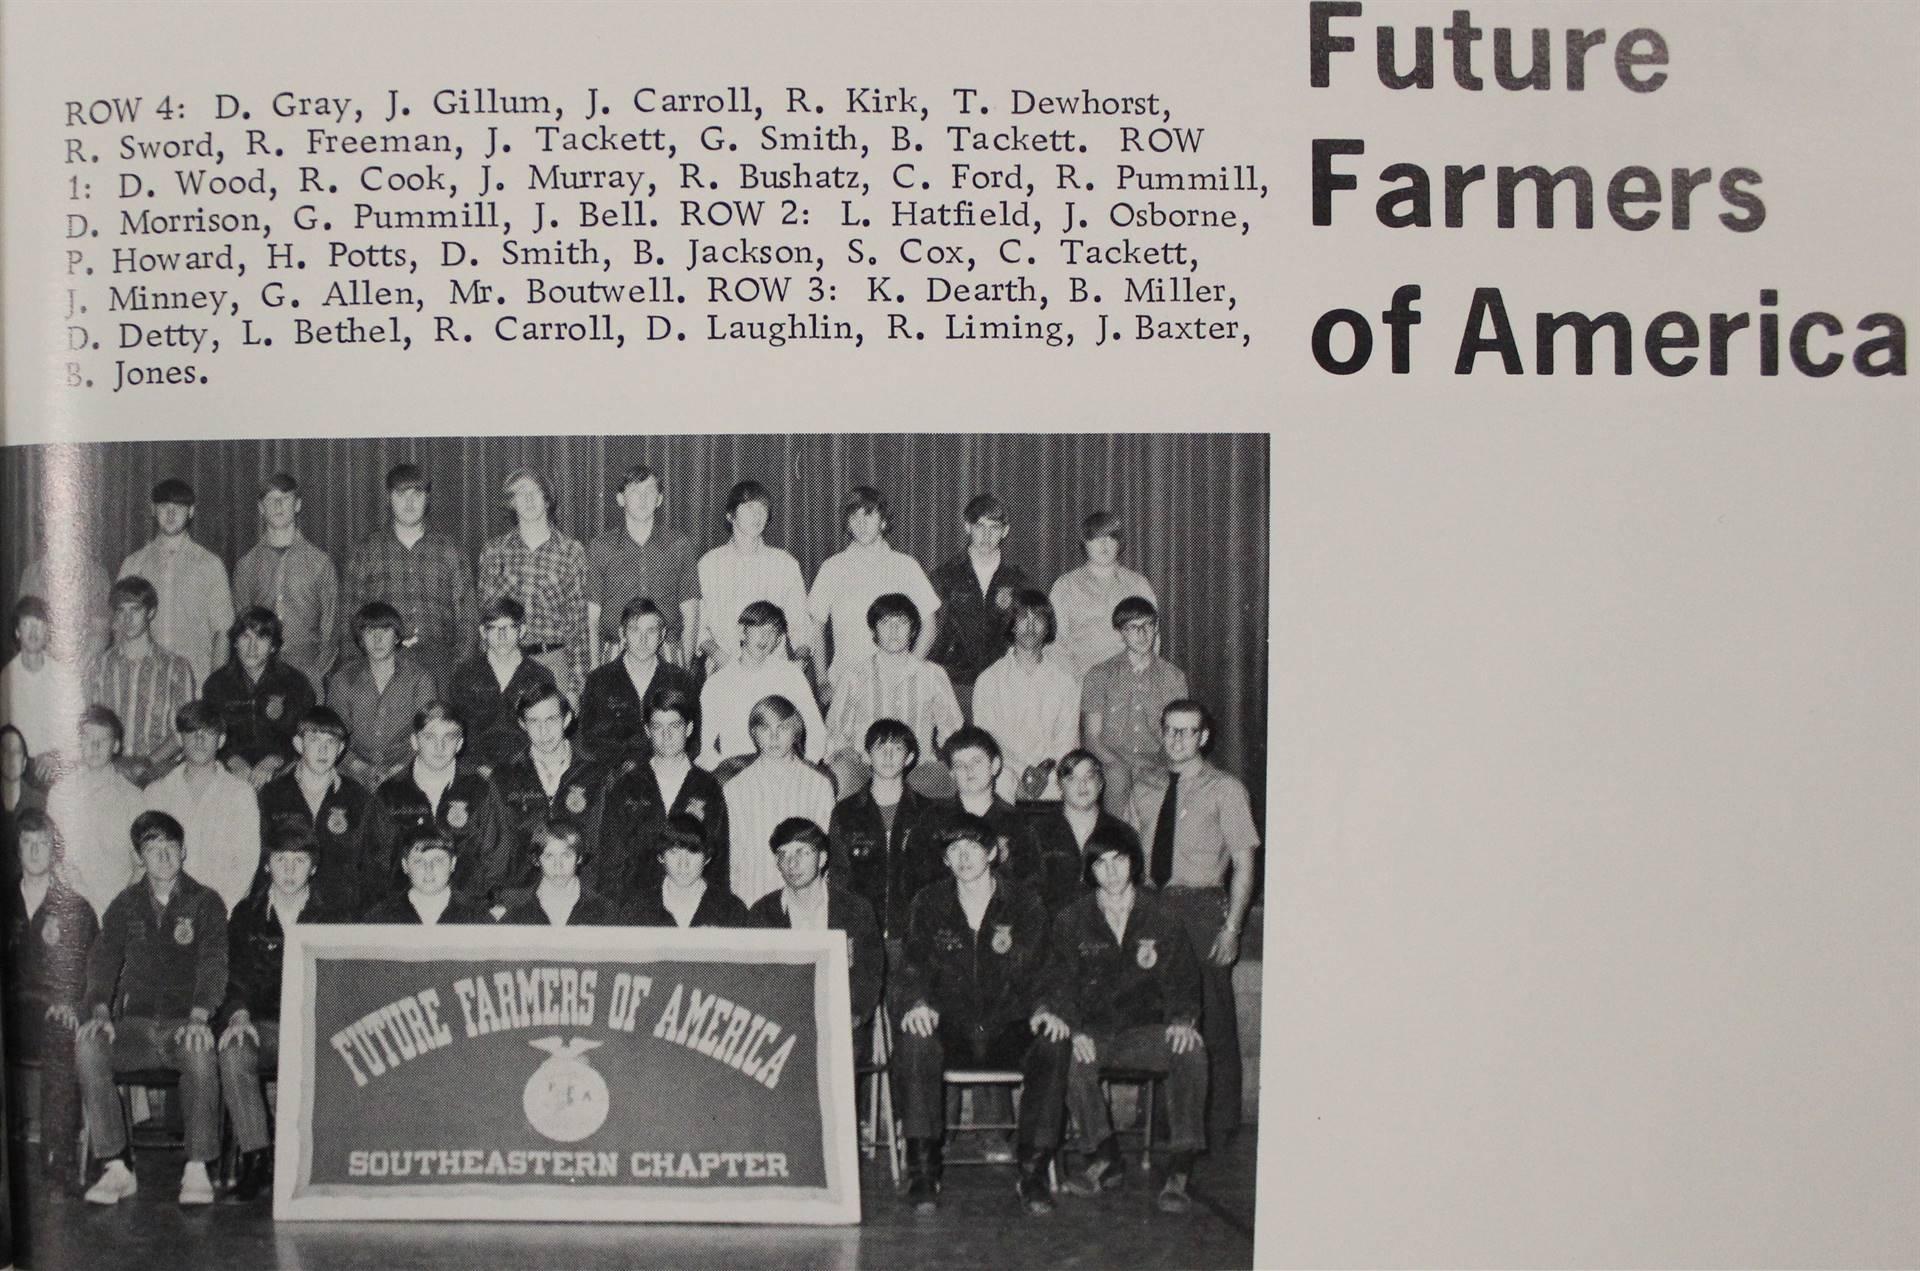 1973 Future Farmers of America